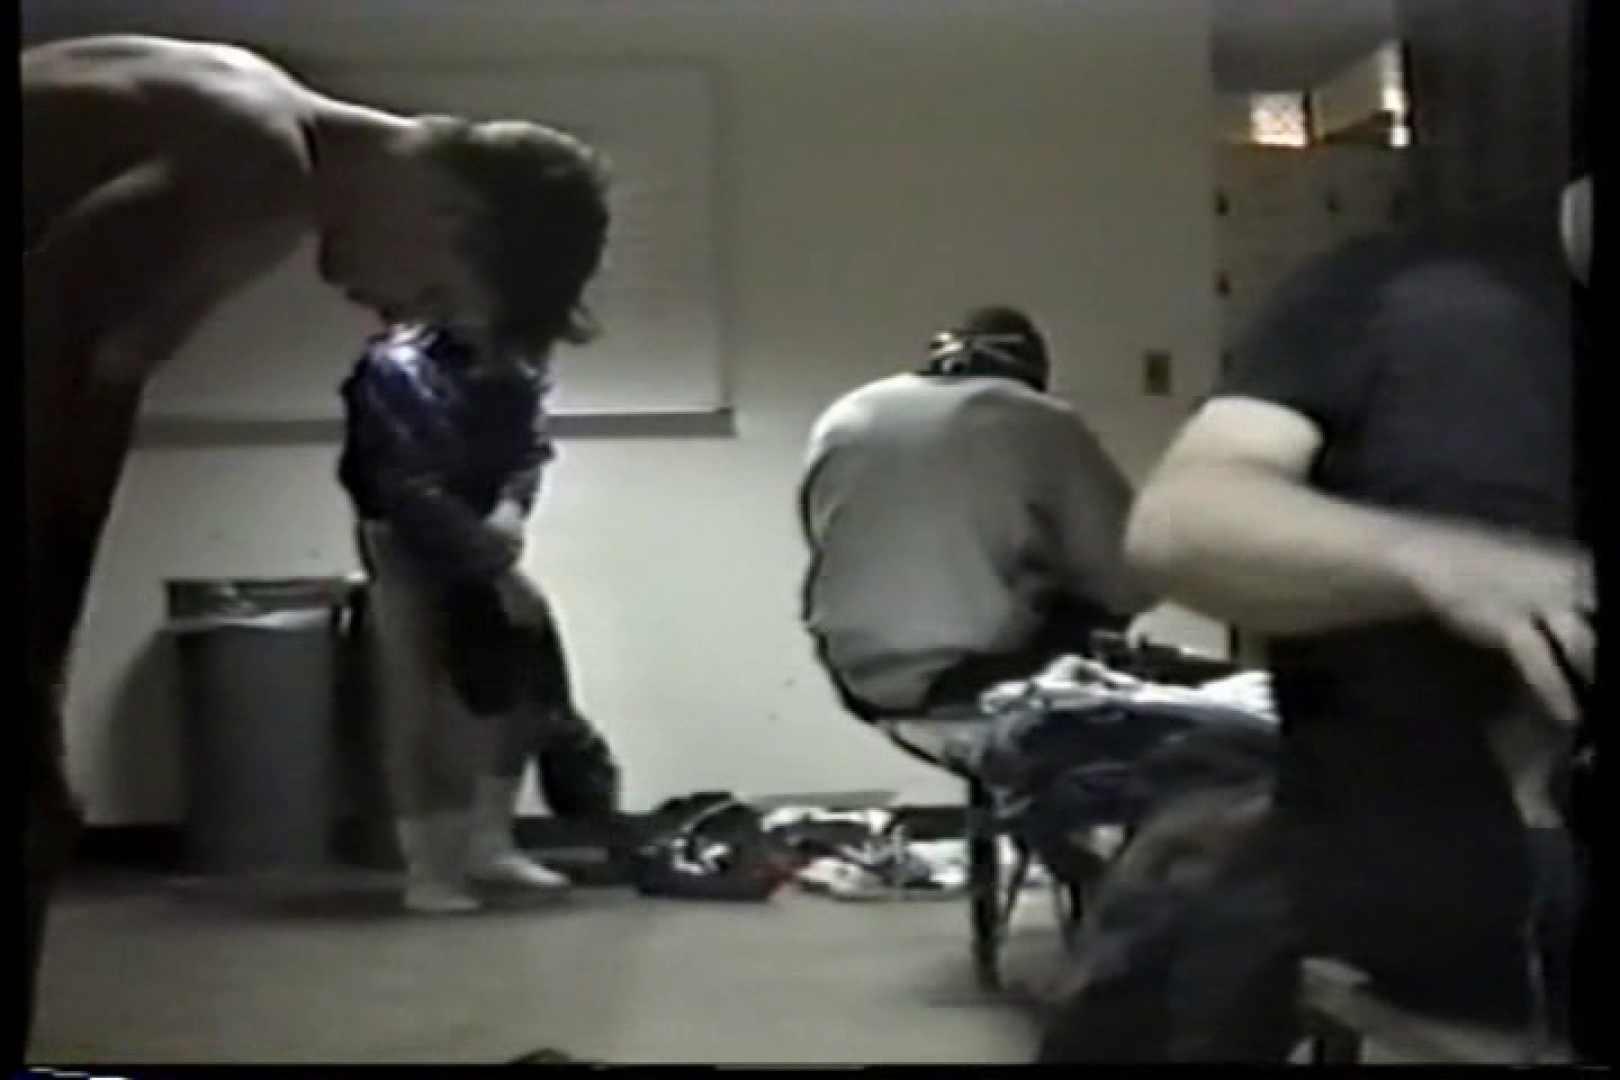 無修正セックス盗撮:洋人さんの脱衣所を覗いてみました。VOL.1:完全無修正